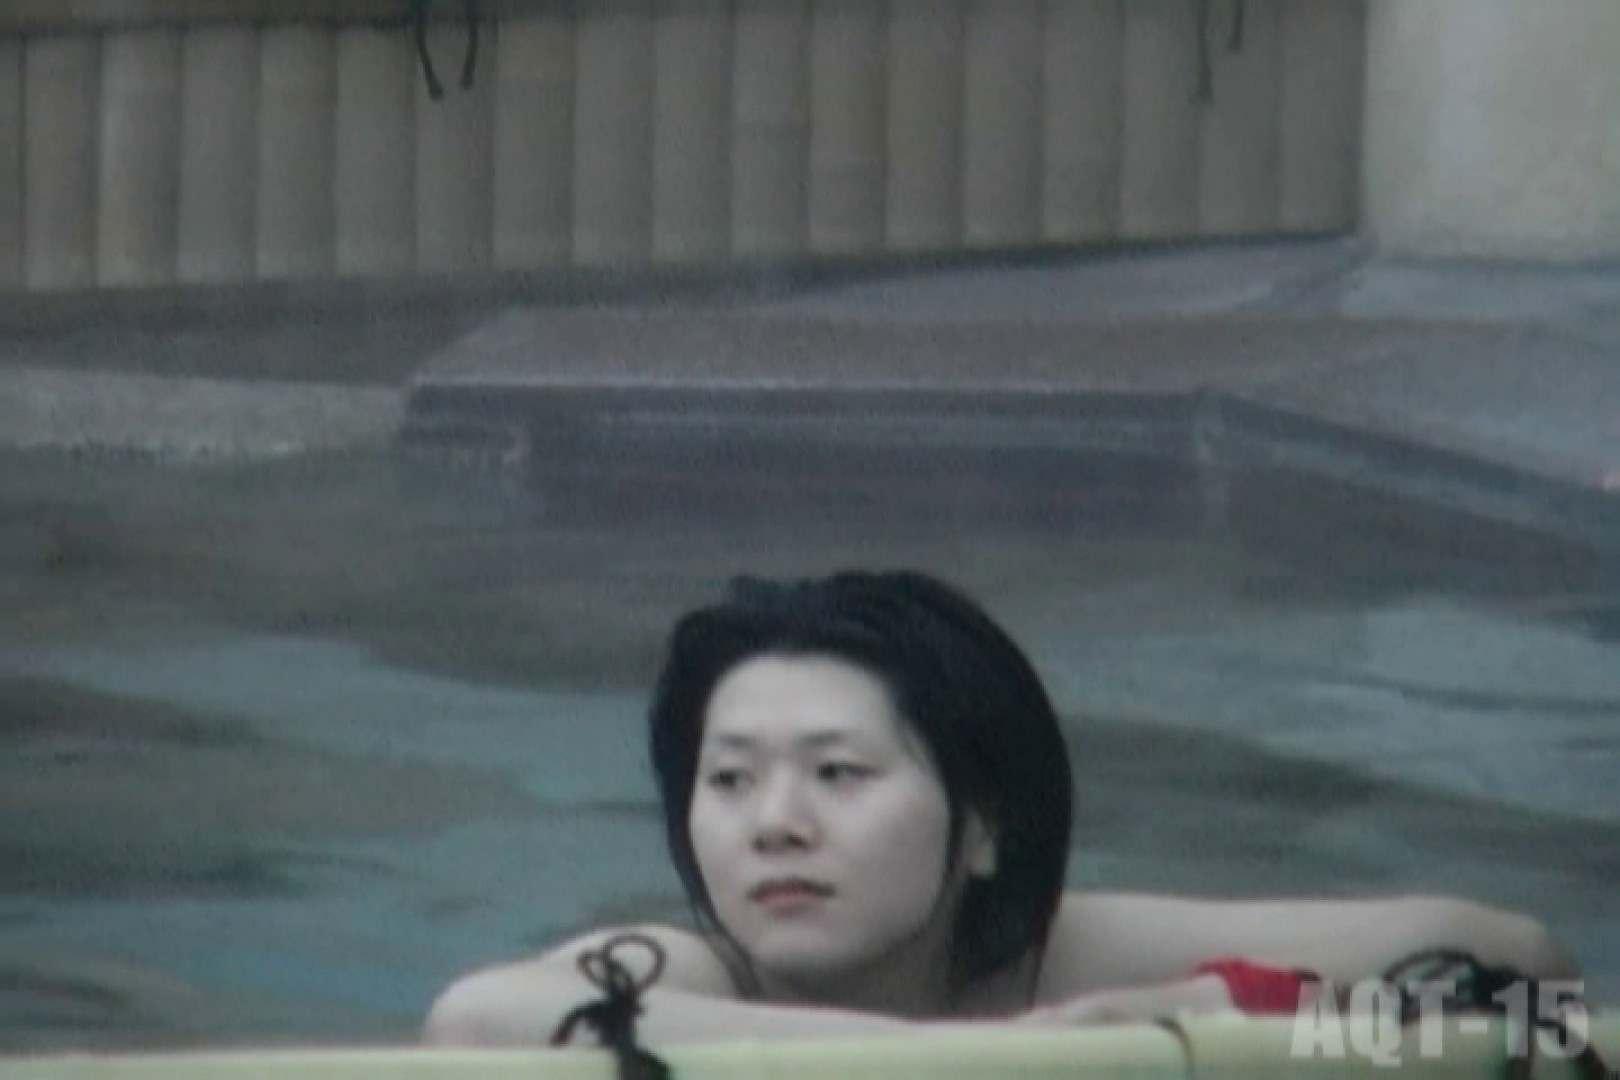 Aquaな露天風呂Vol.837 0   0  103pic 61